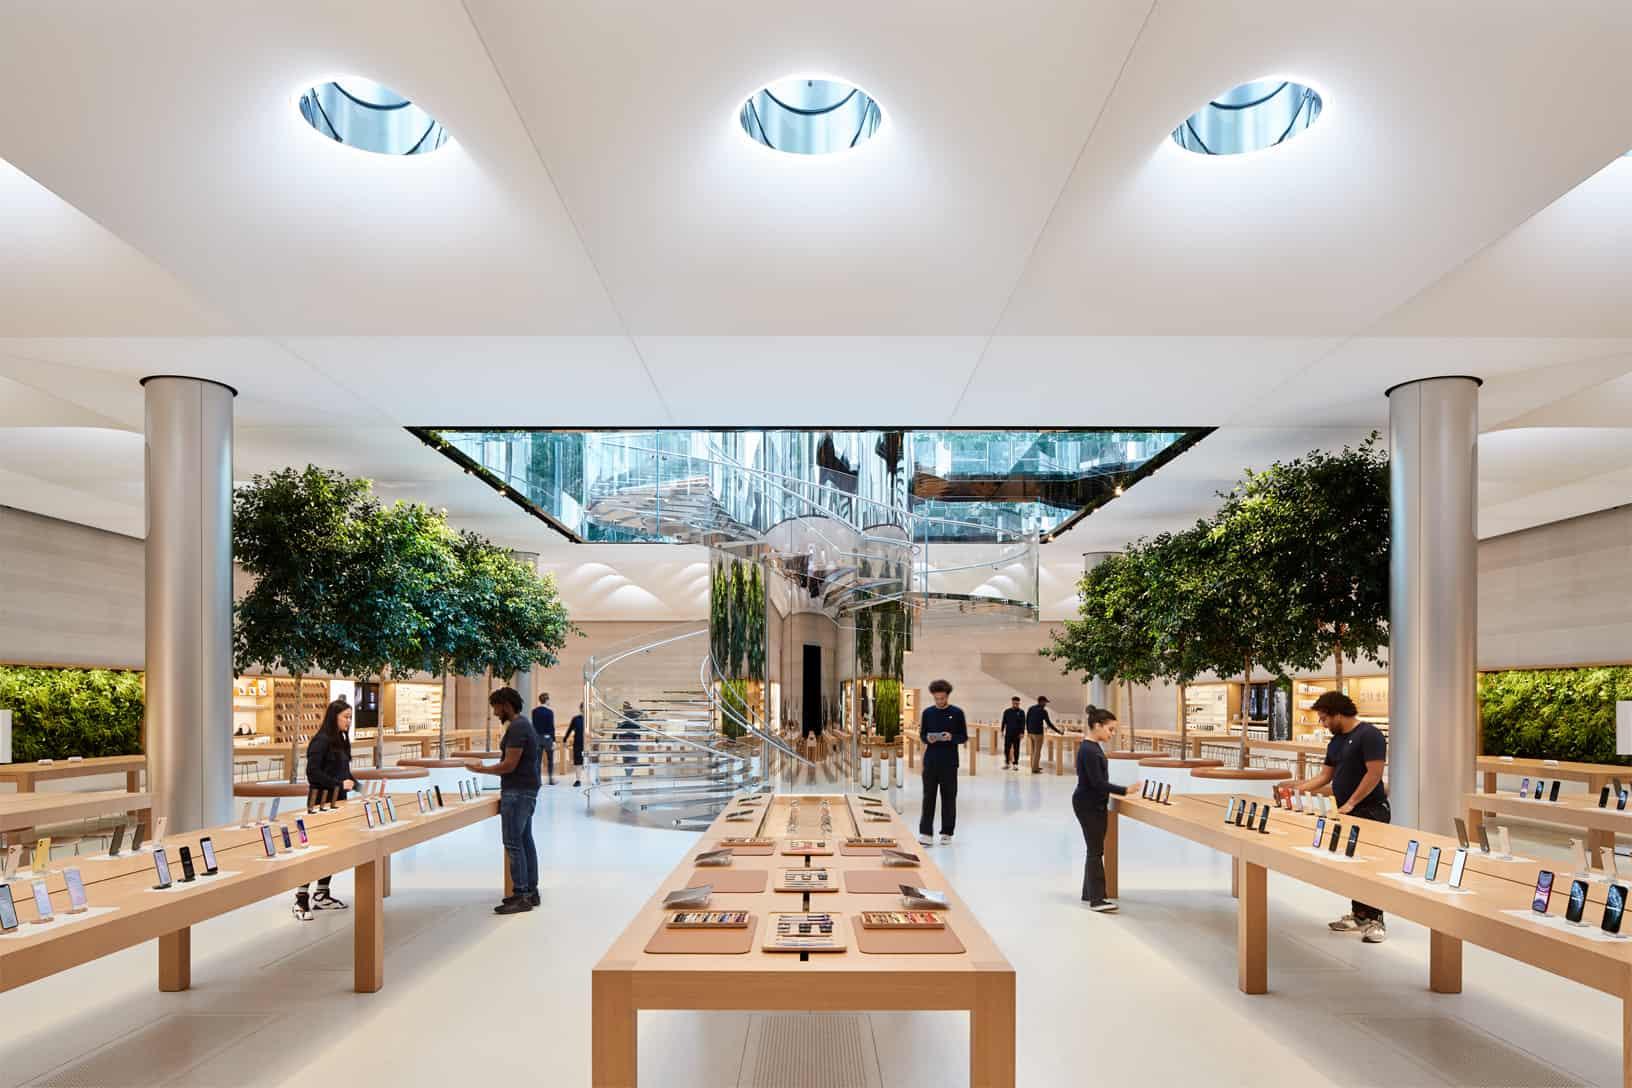 뉴욕 피프스 에비뉴 큐브 형태의 애플 스토어 / 애플 제공